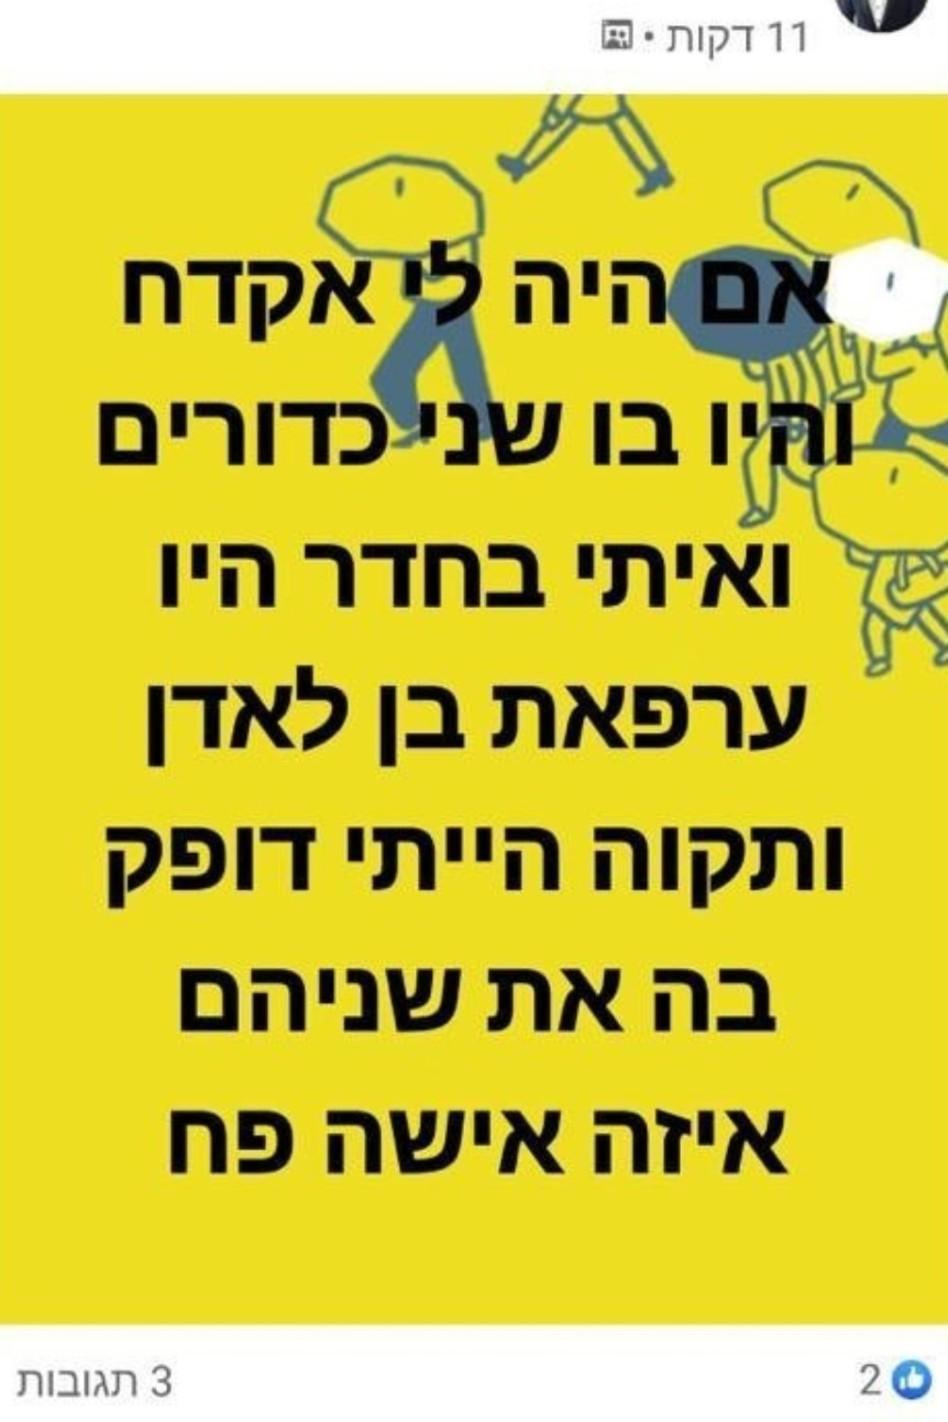 תגובה בעמוד הפייסבוק של האח הגדול (צילום: צילום מסך פייסבוק)